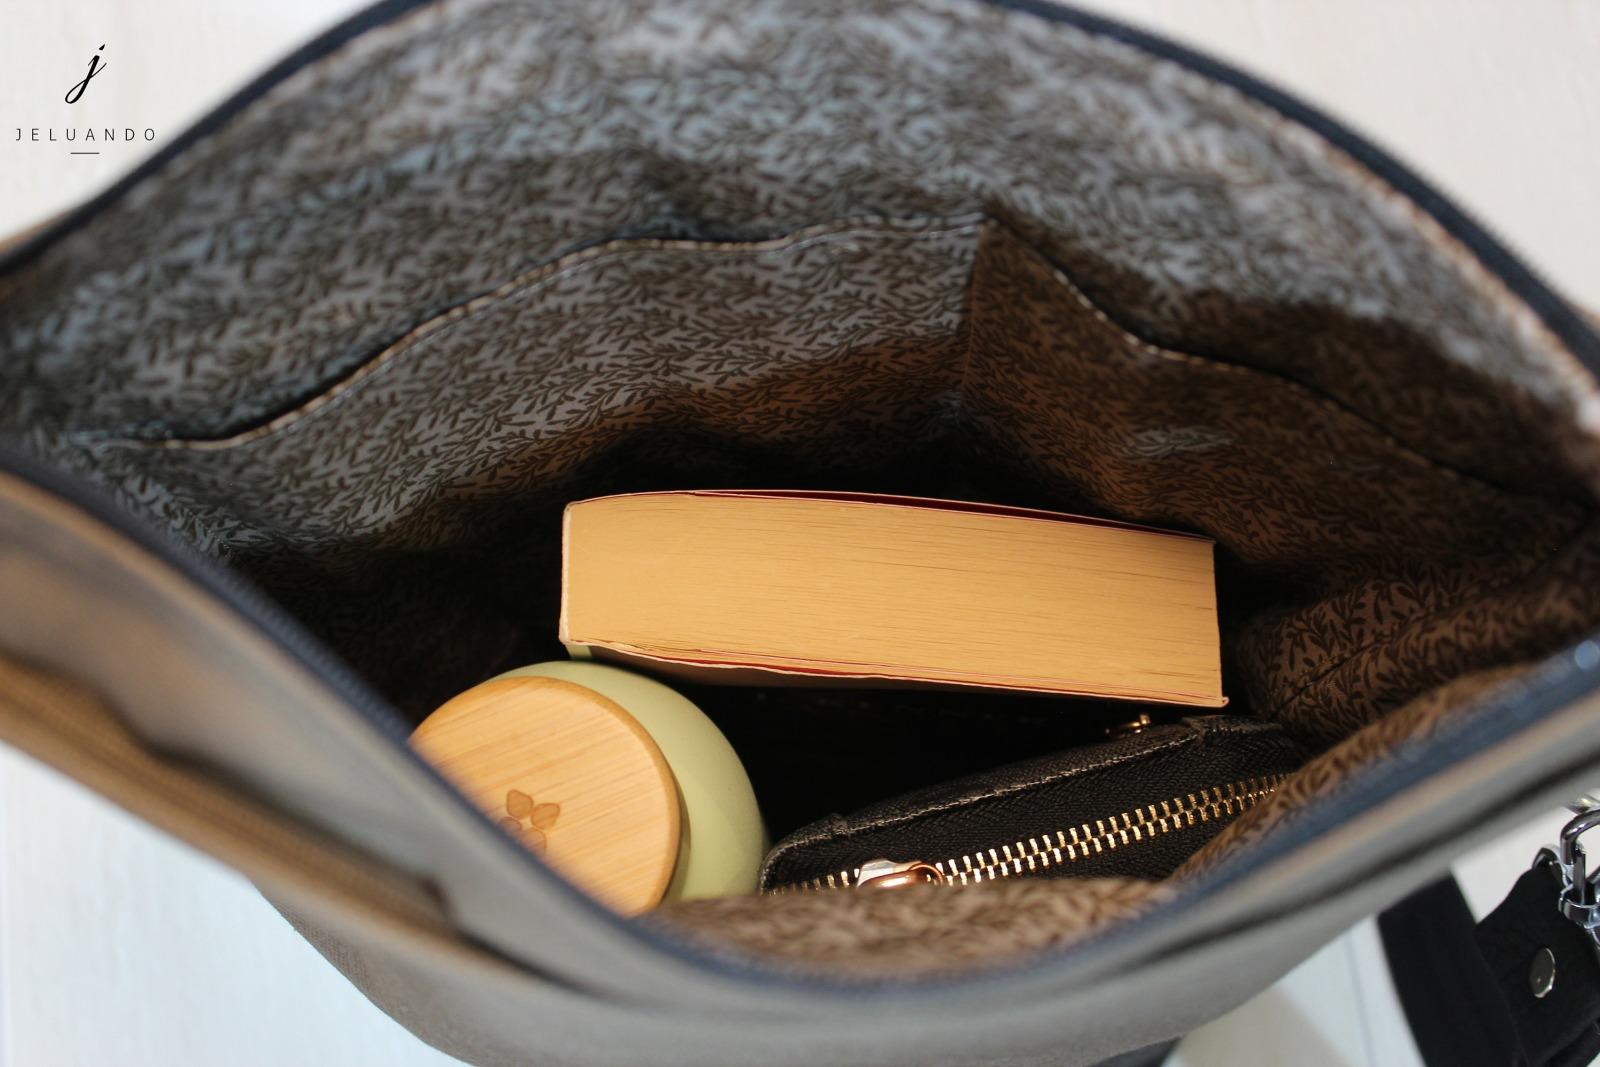 schlichte vegane Handtasche in Taupe 4